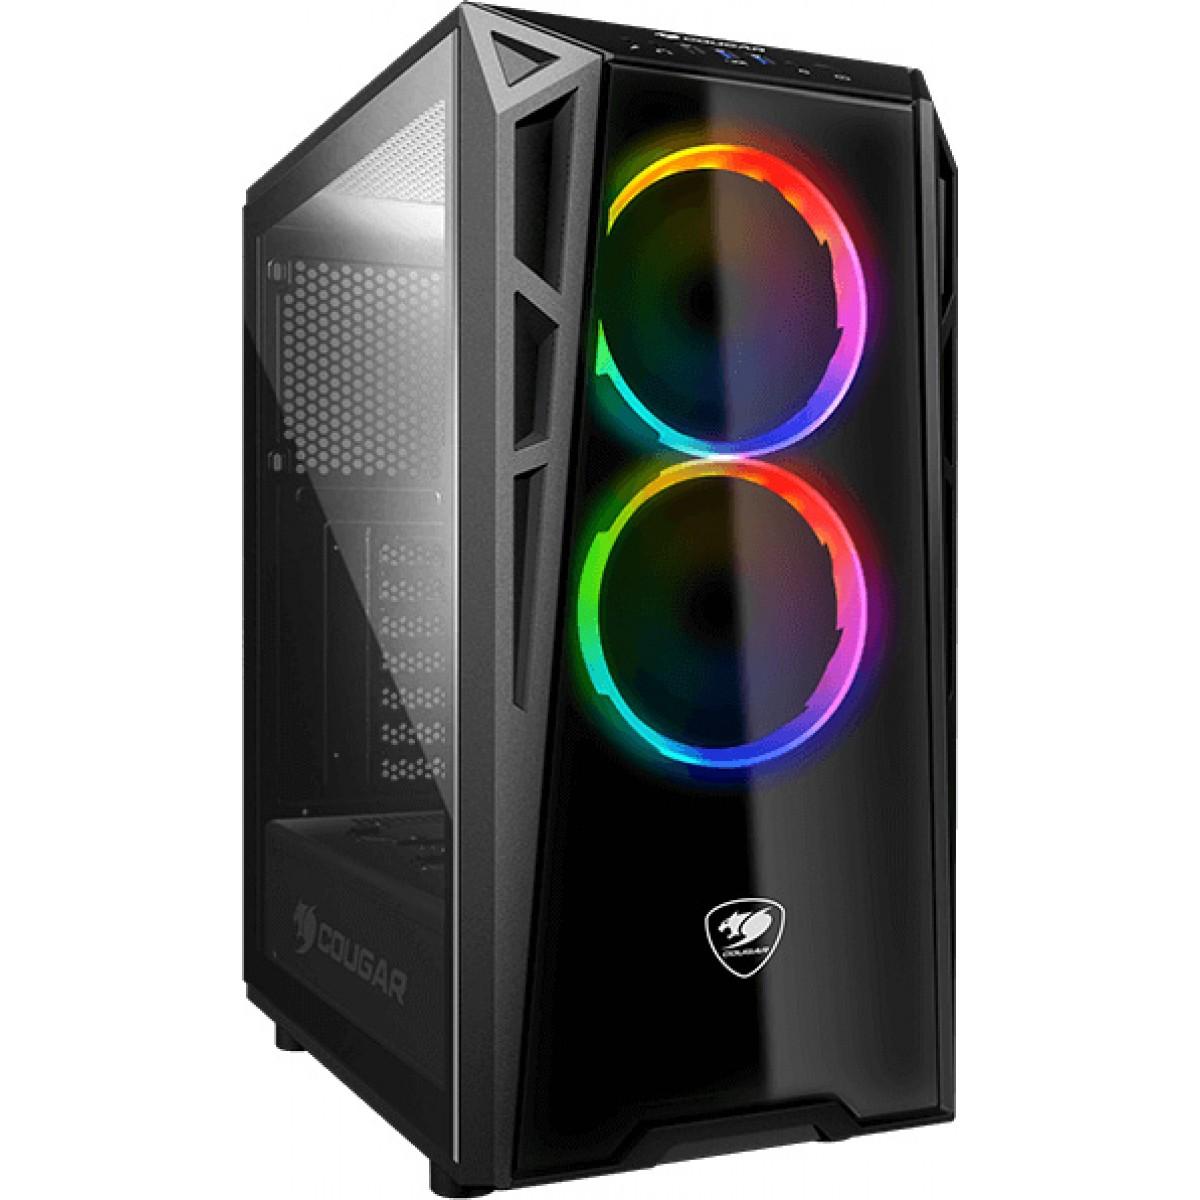 Pc Gamer T-Power Ultra LVL-2 AMD Ryzen 9 3950x / Geforce RTX 2080 Ti / DDR4 16GB / HD 1TB / 750W